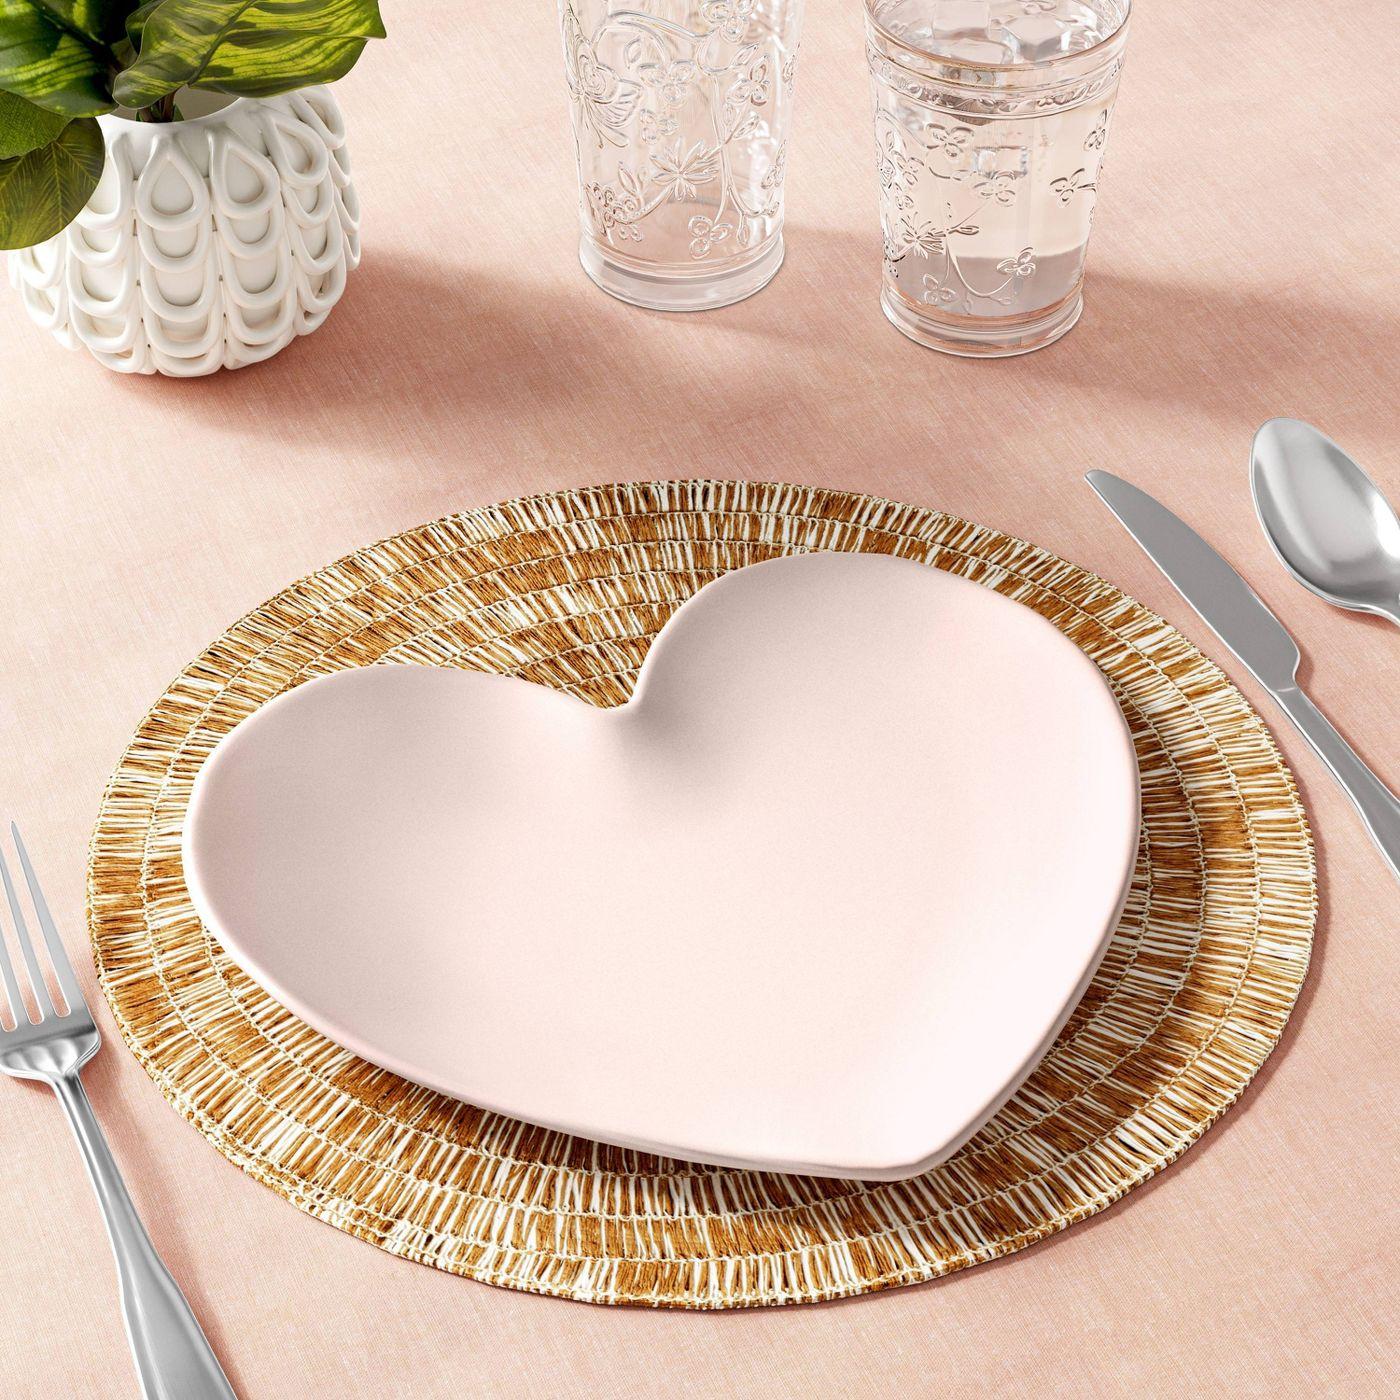 Opalhouse Melamine Heart Plate | Instagram's Most Popular Blanket